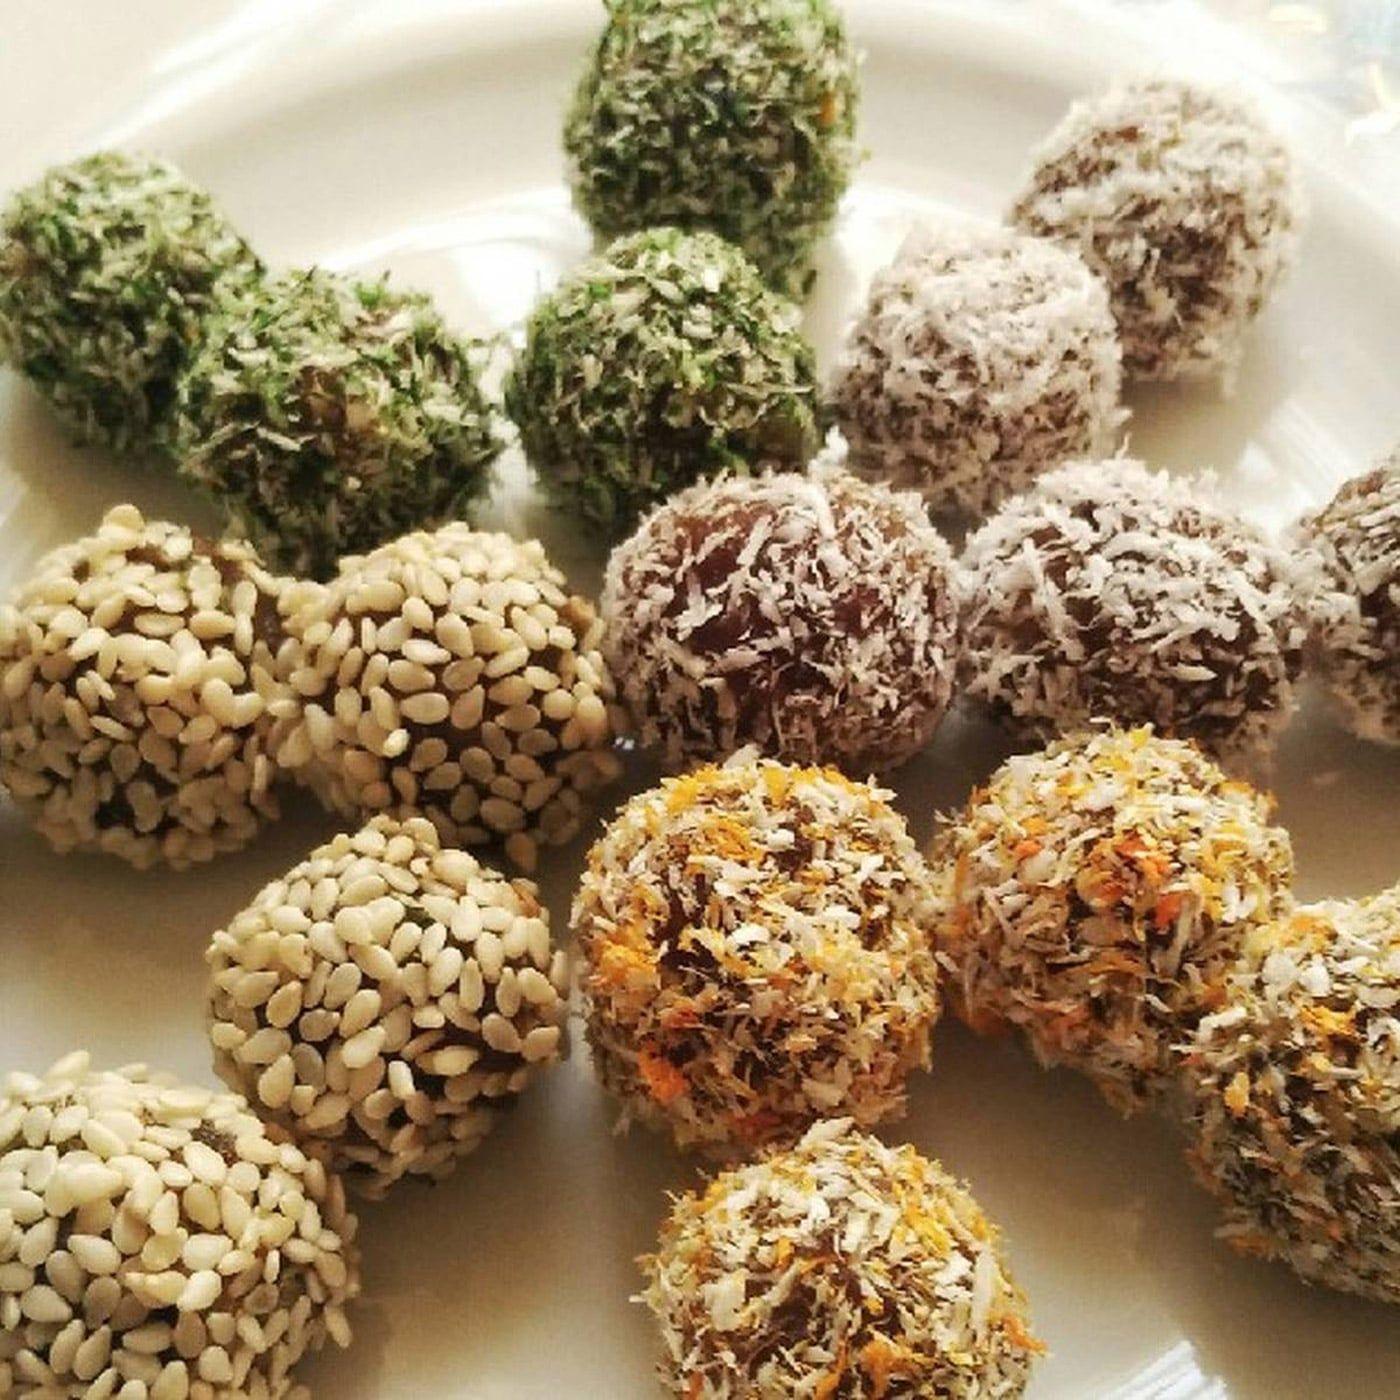 طرز تهیه توپک خرمایی دسری خوشمزه سریع و آسان Desserts Food Herbs